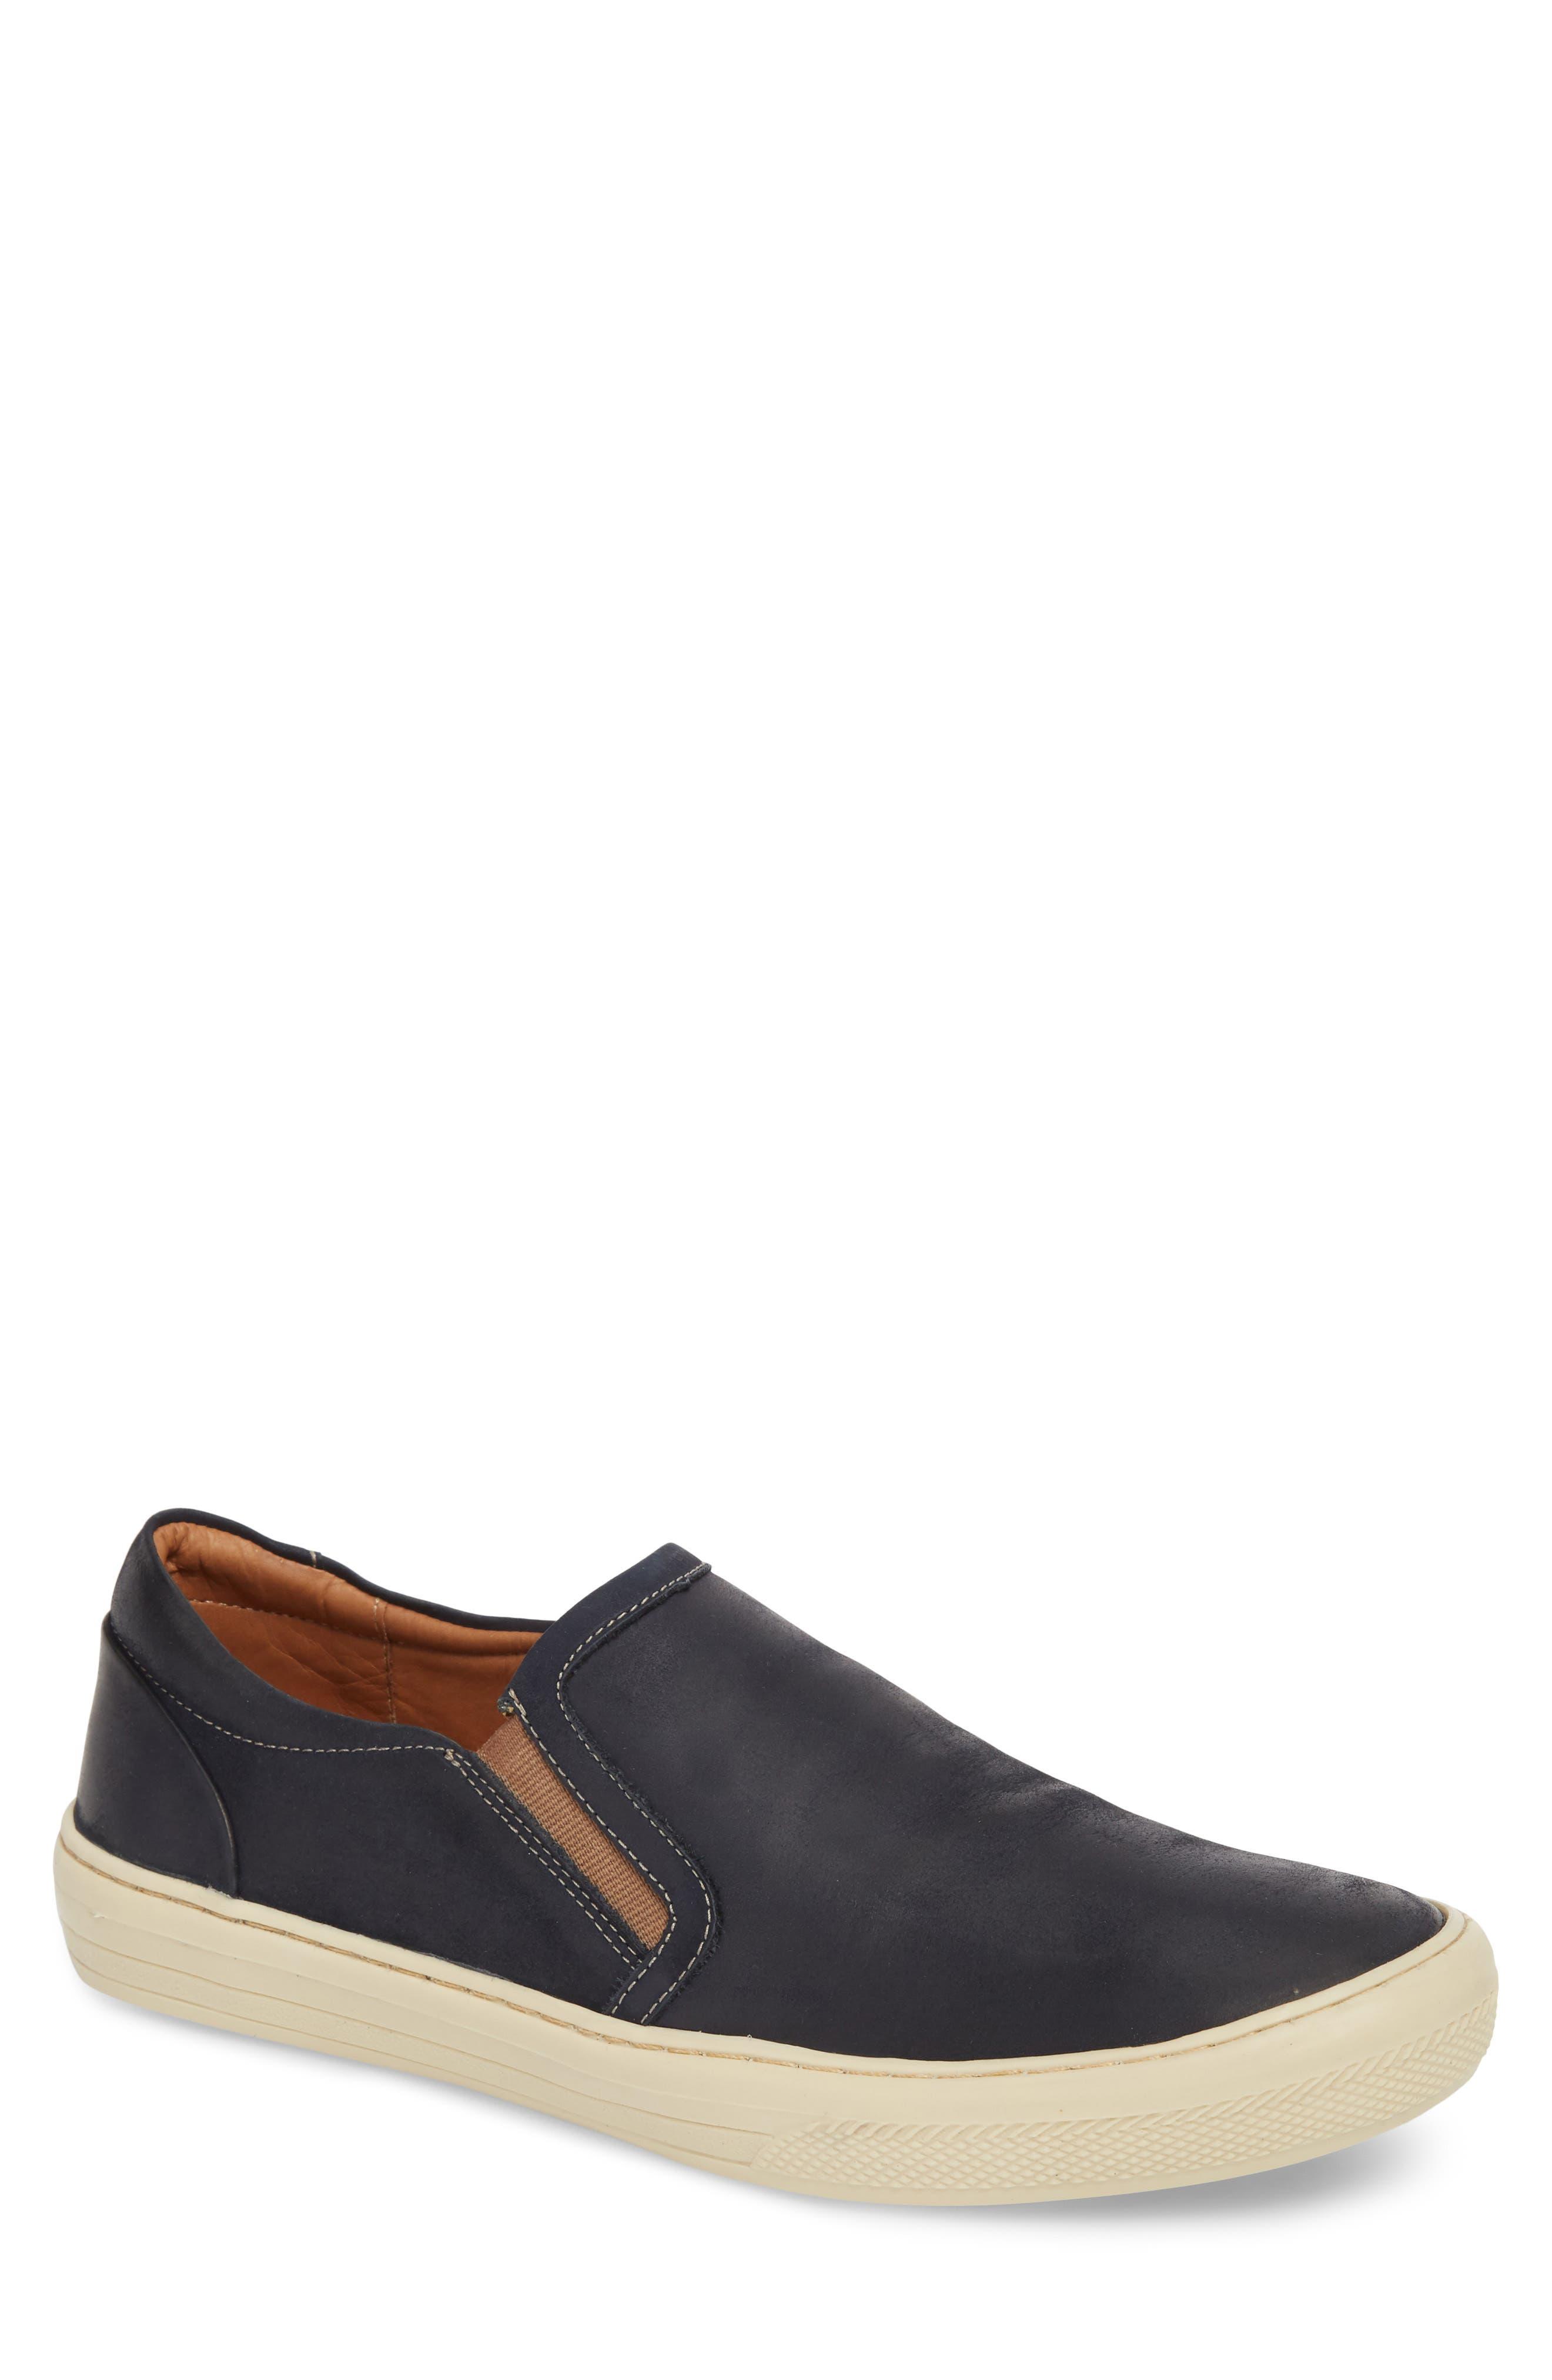 Itabuna Slip-On Sneaker,                         Main,                         color, 400